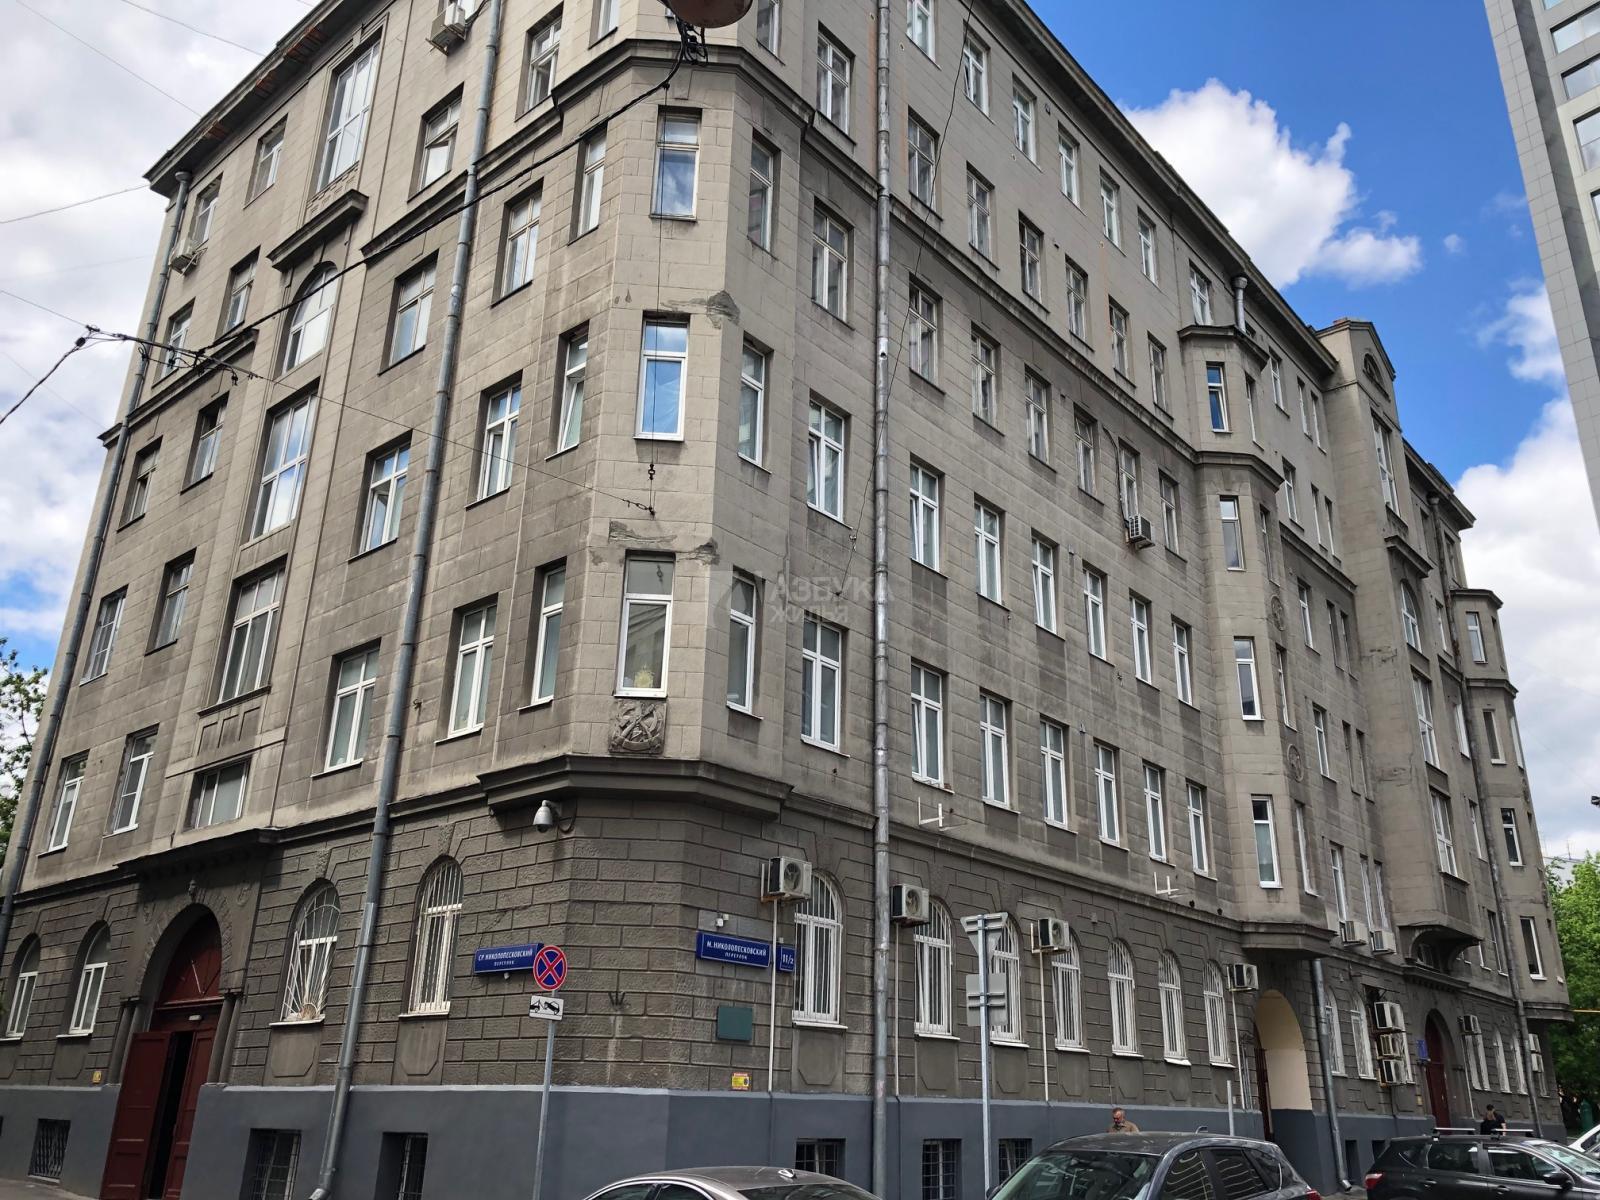 Фото №17 - 7-комнатная квартира, Москва, Николопесковский М. переулок 11 корпус 2 строение 1, метро Смоленская